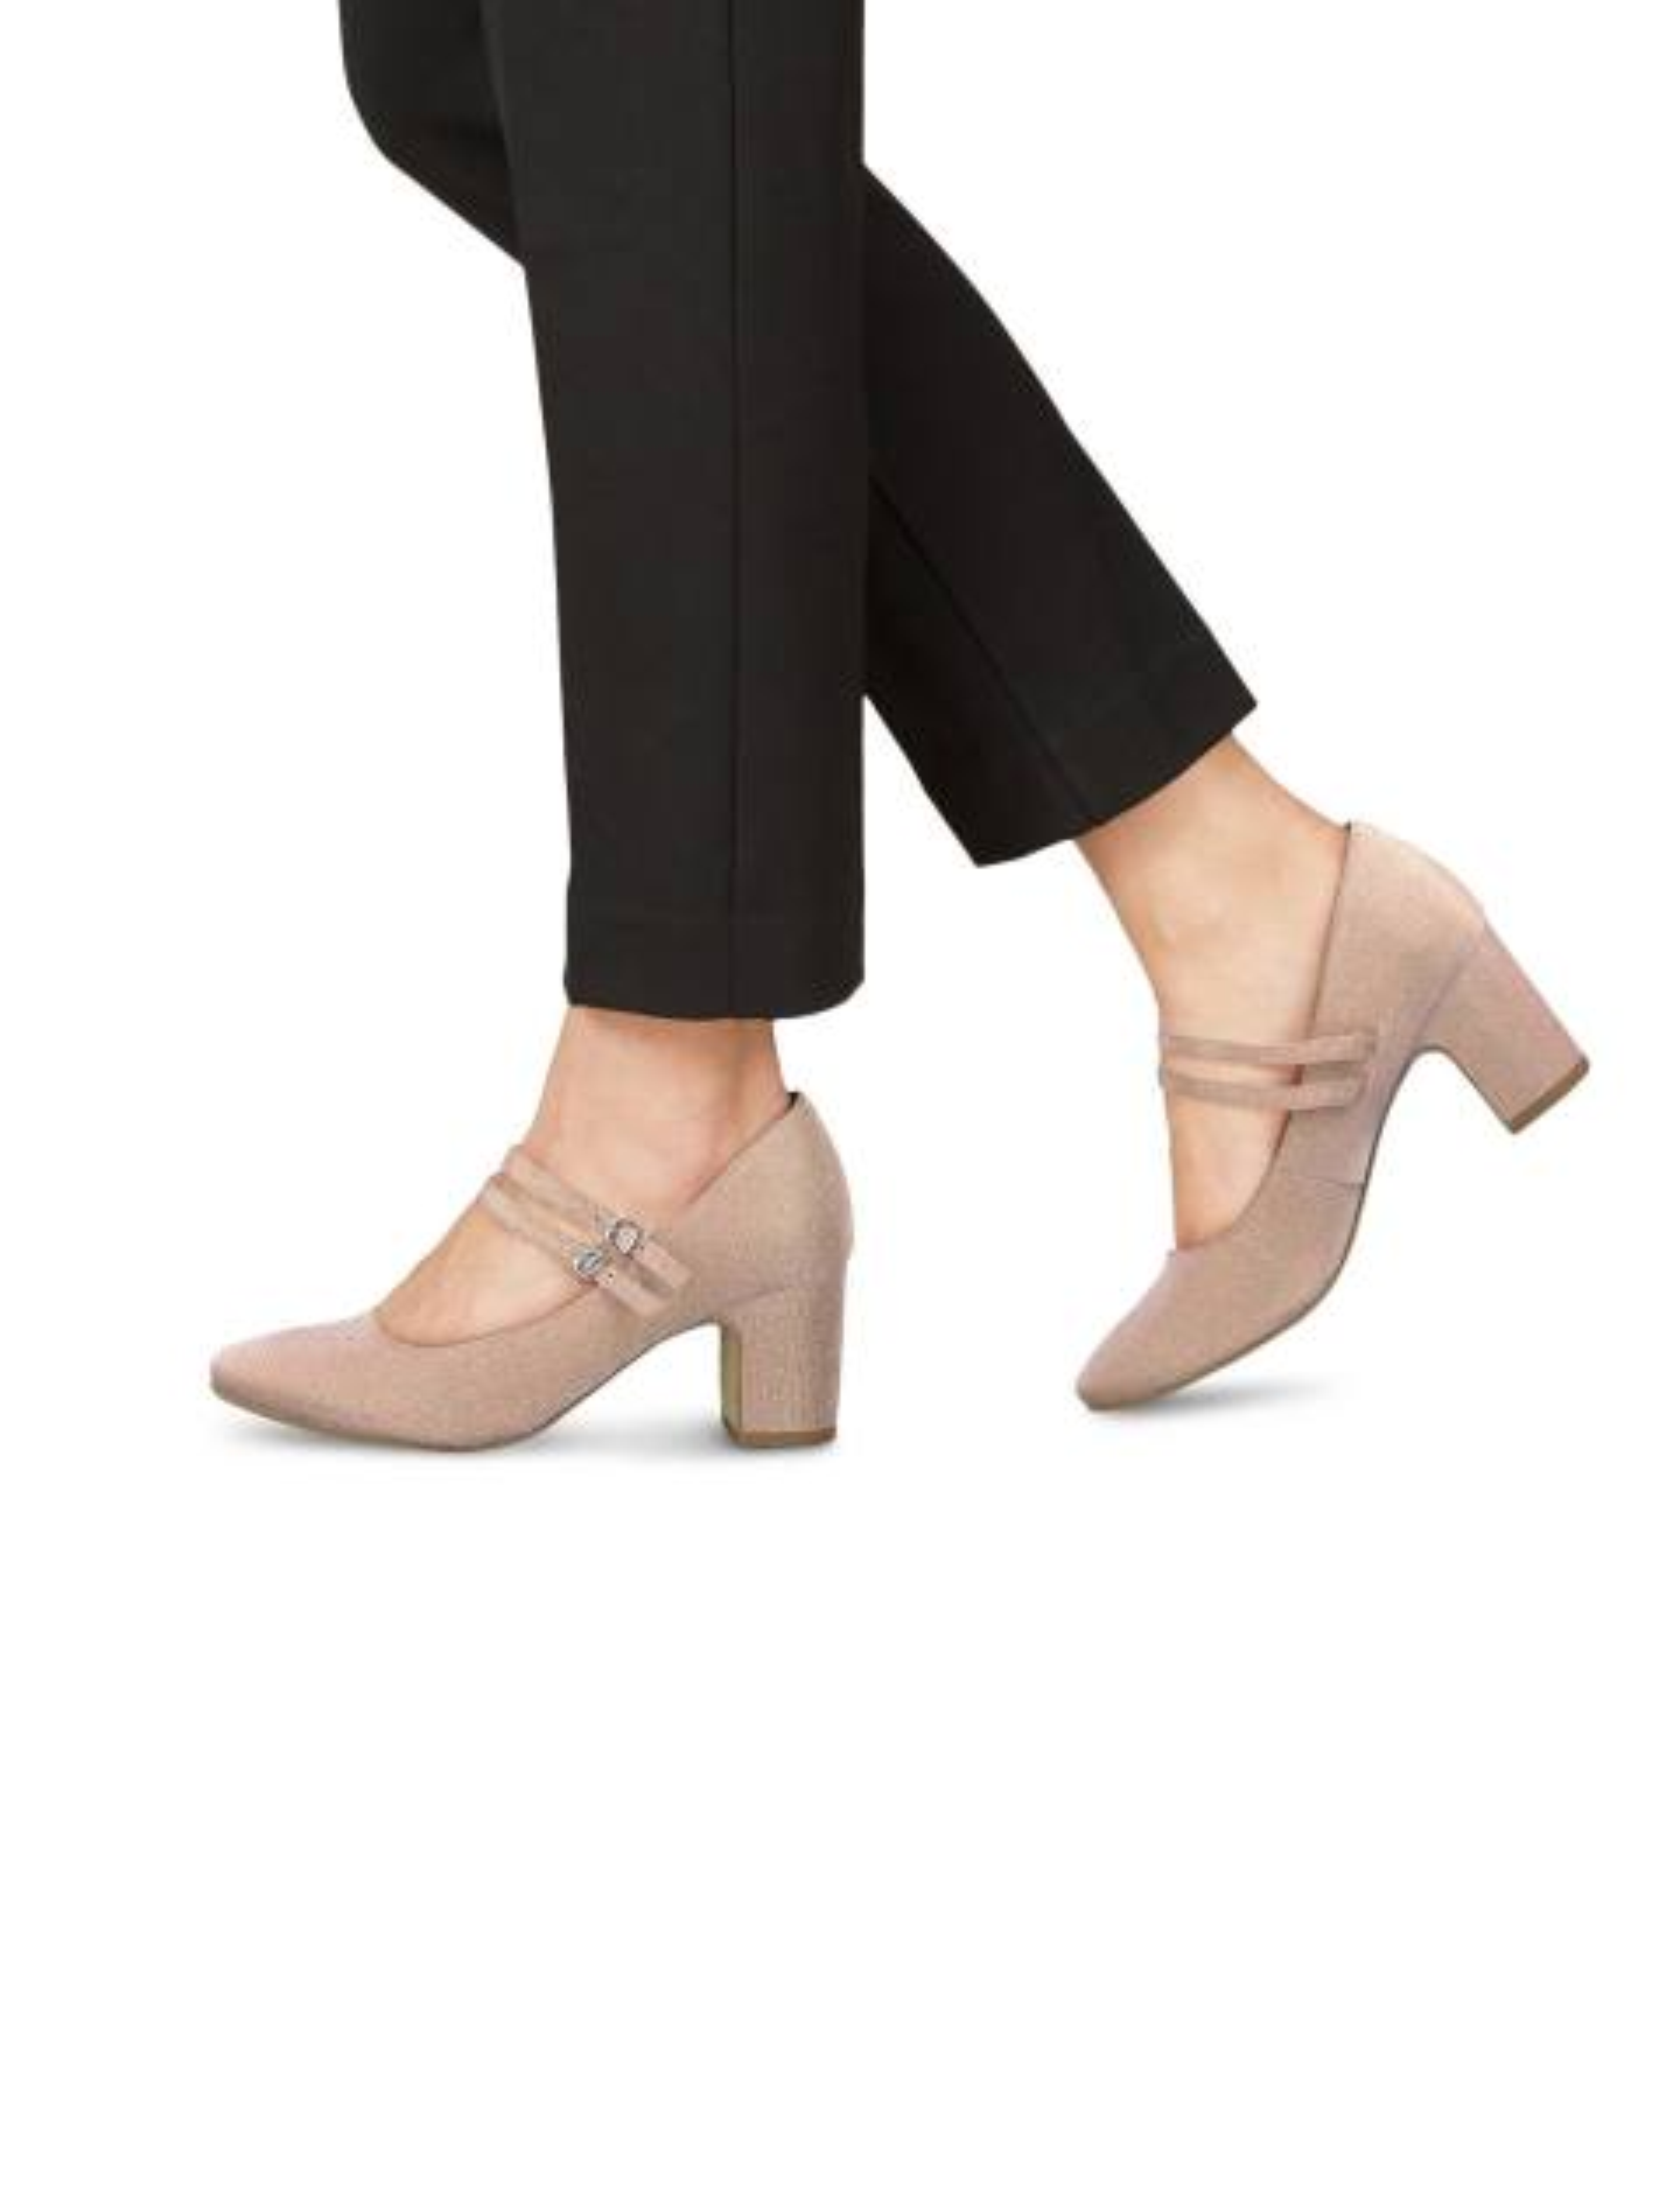 کفش پاشنه بلند زنانه MATTEO - صورتي - 5